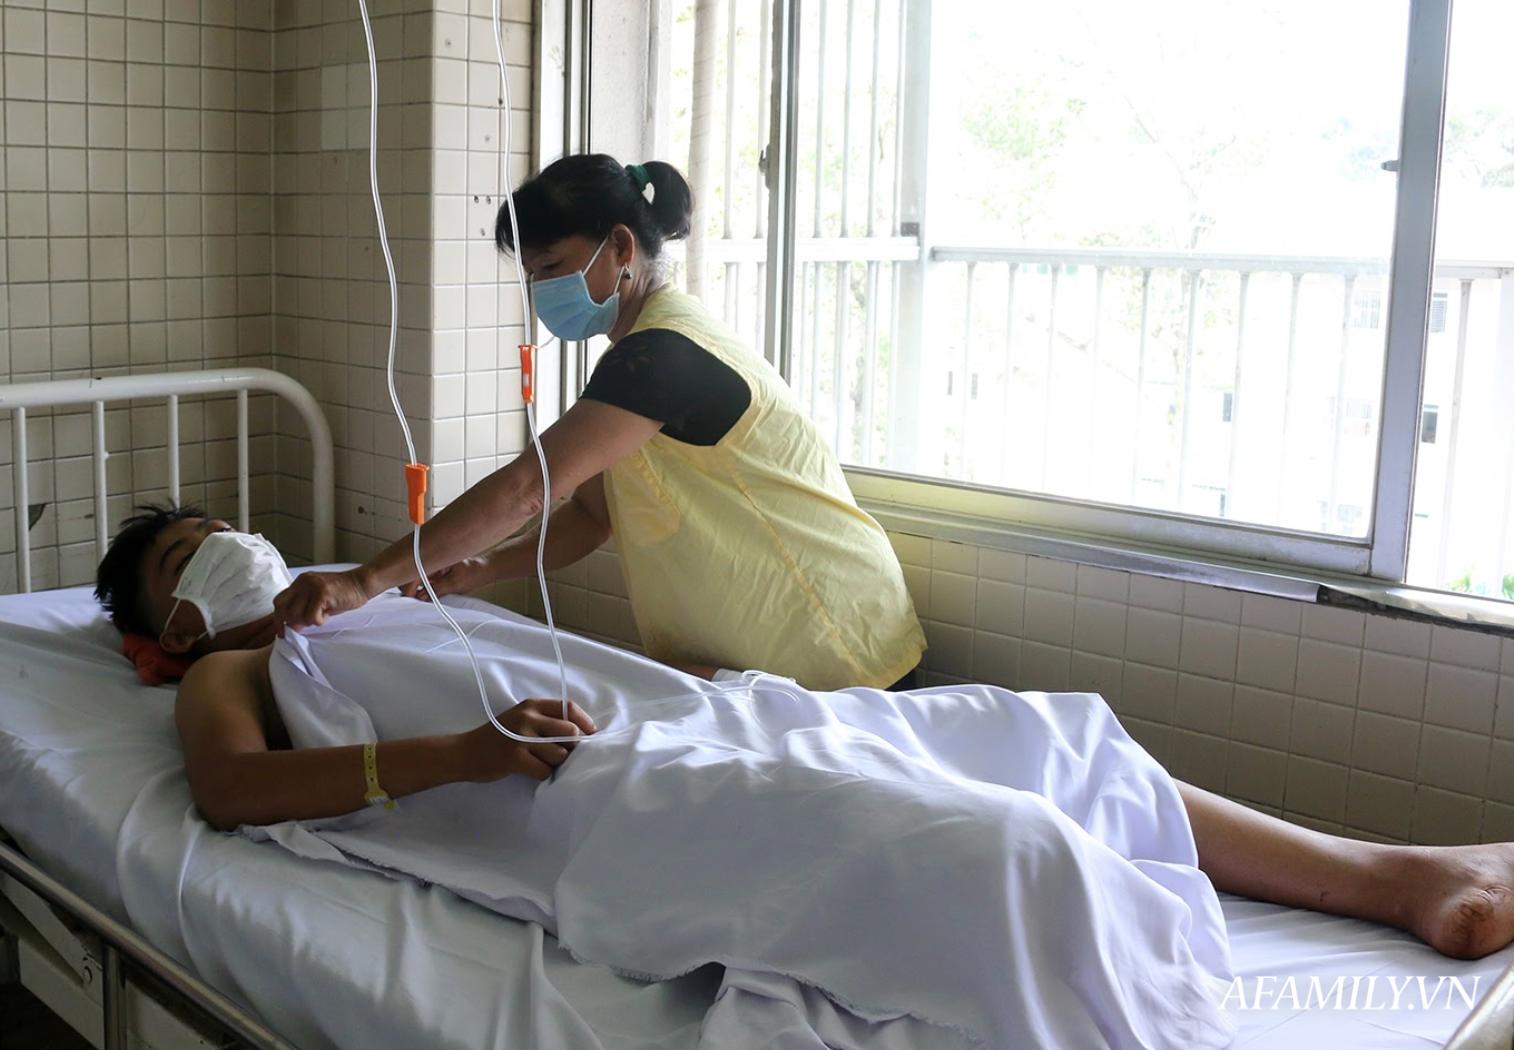 Kinh hoàng lời kể của mẹ thiếu niên bị chém đứt lìa chân phải sau vụ hỗn chiến ở Tây Ninh: Đạp thắng xe mới biết mất chân - Ảnh 2.